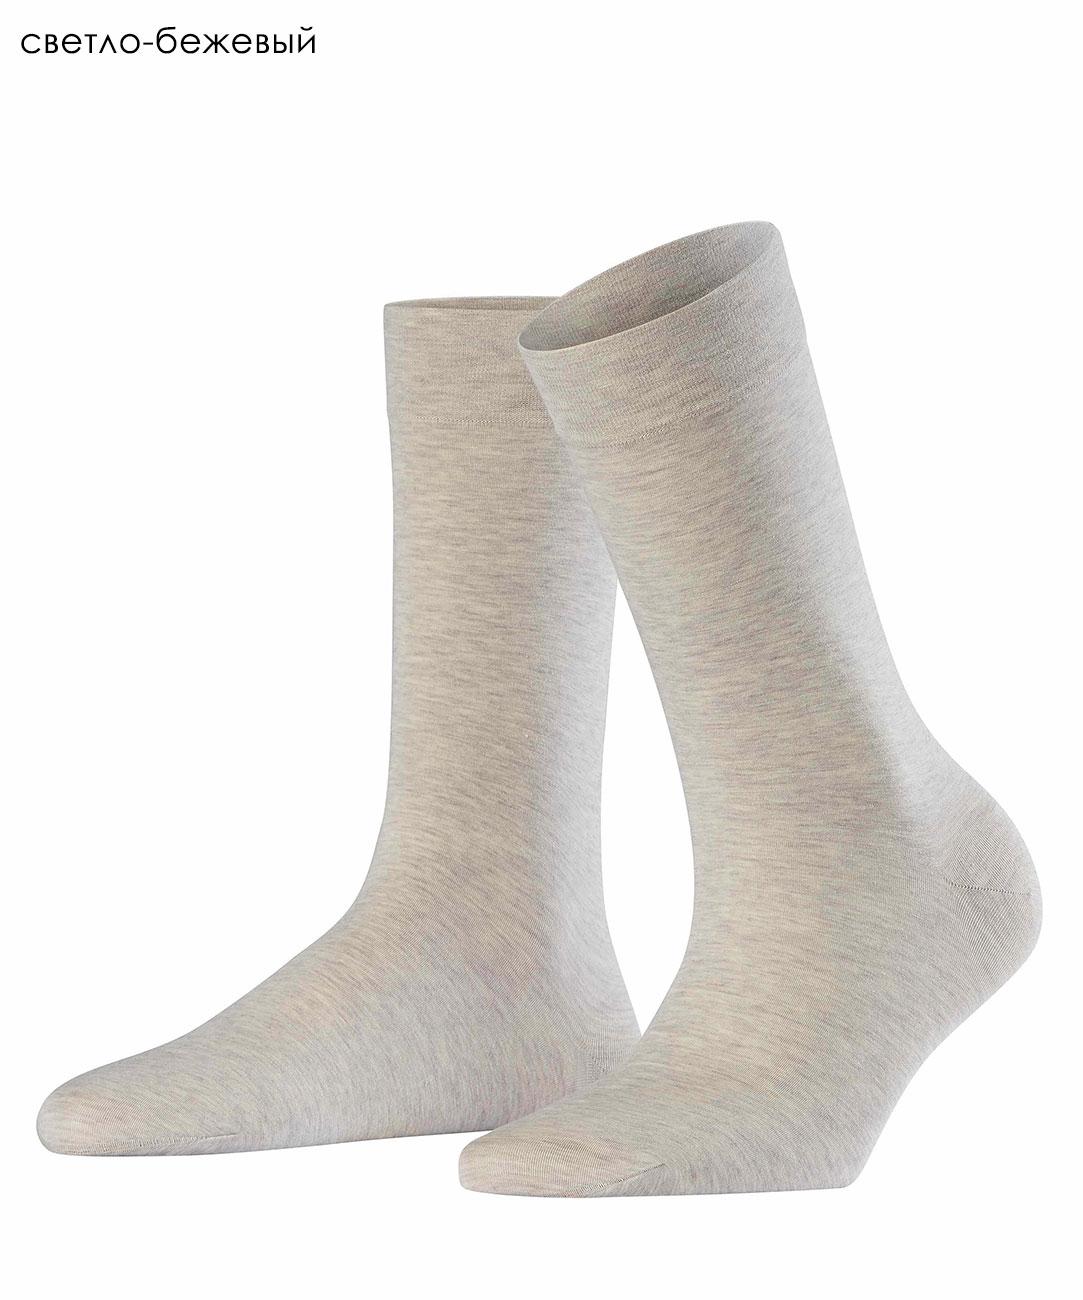 Женские носки 46156 Sensual Cashmere Falke